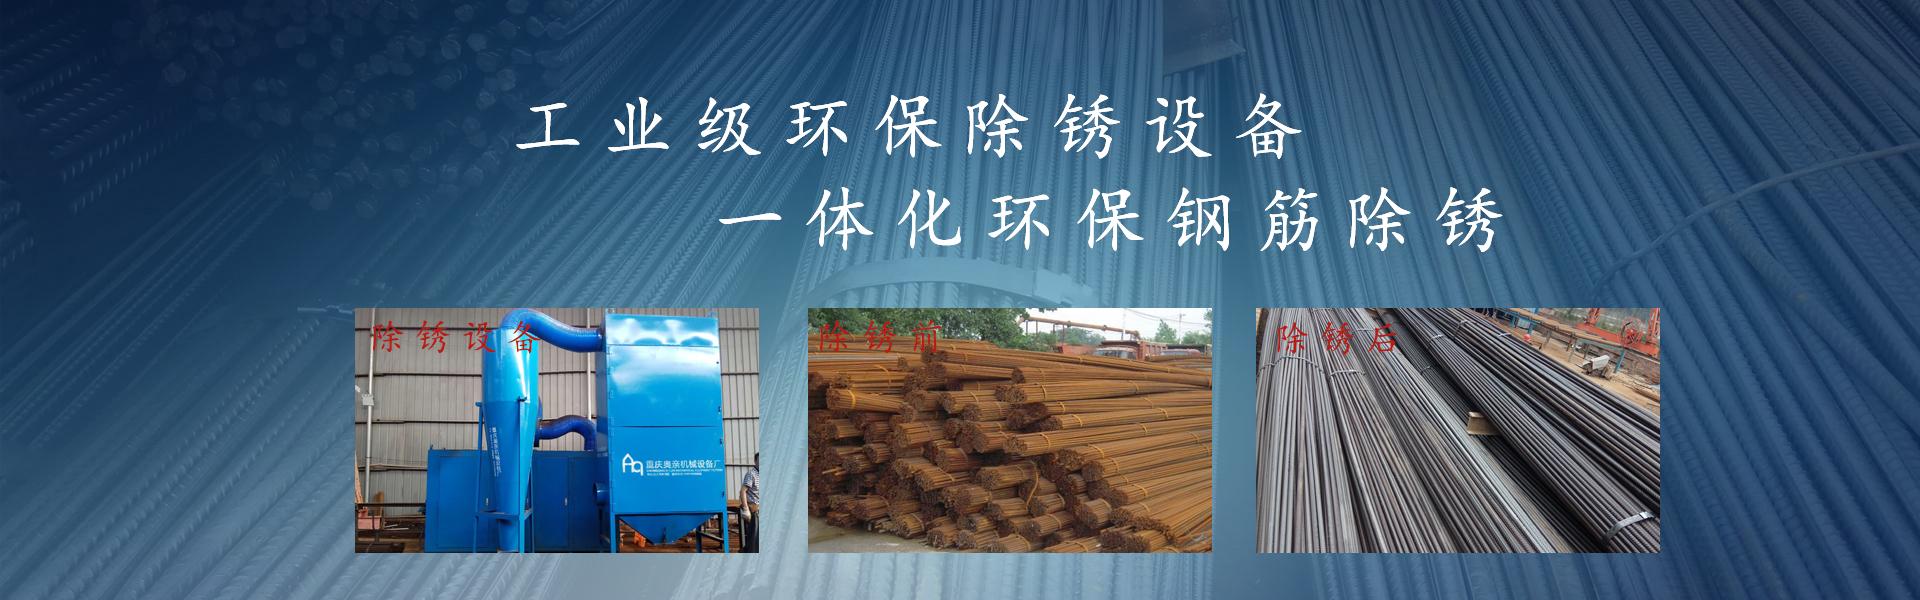 工业级环保除锈设备 一体化环保钢筋除锈